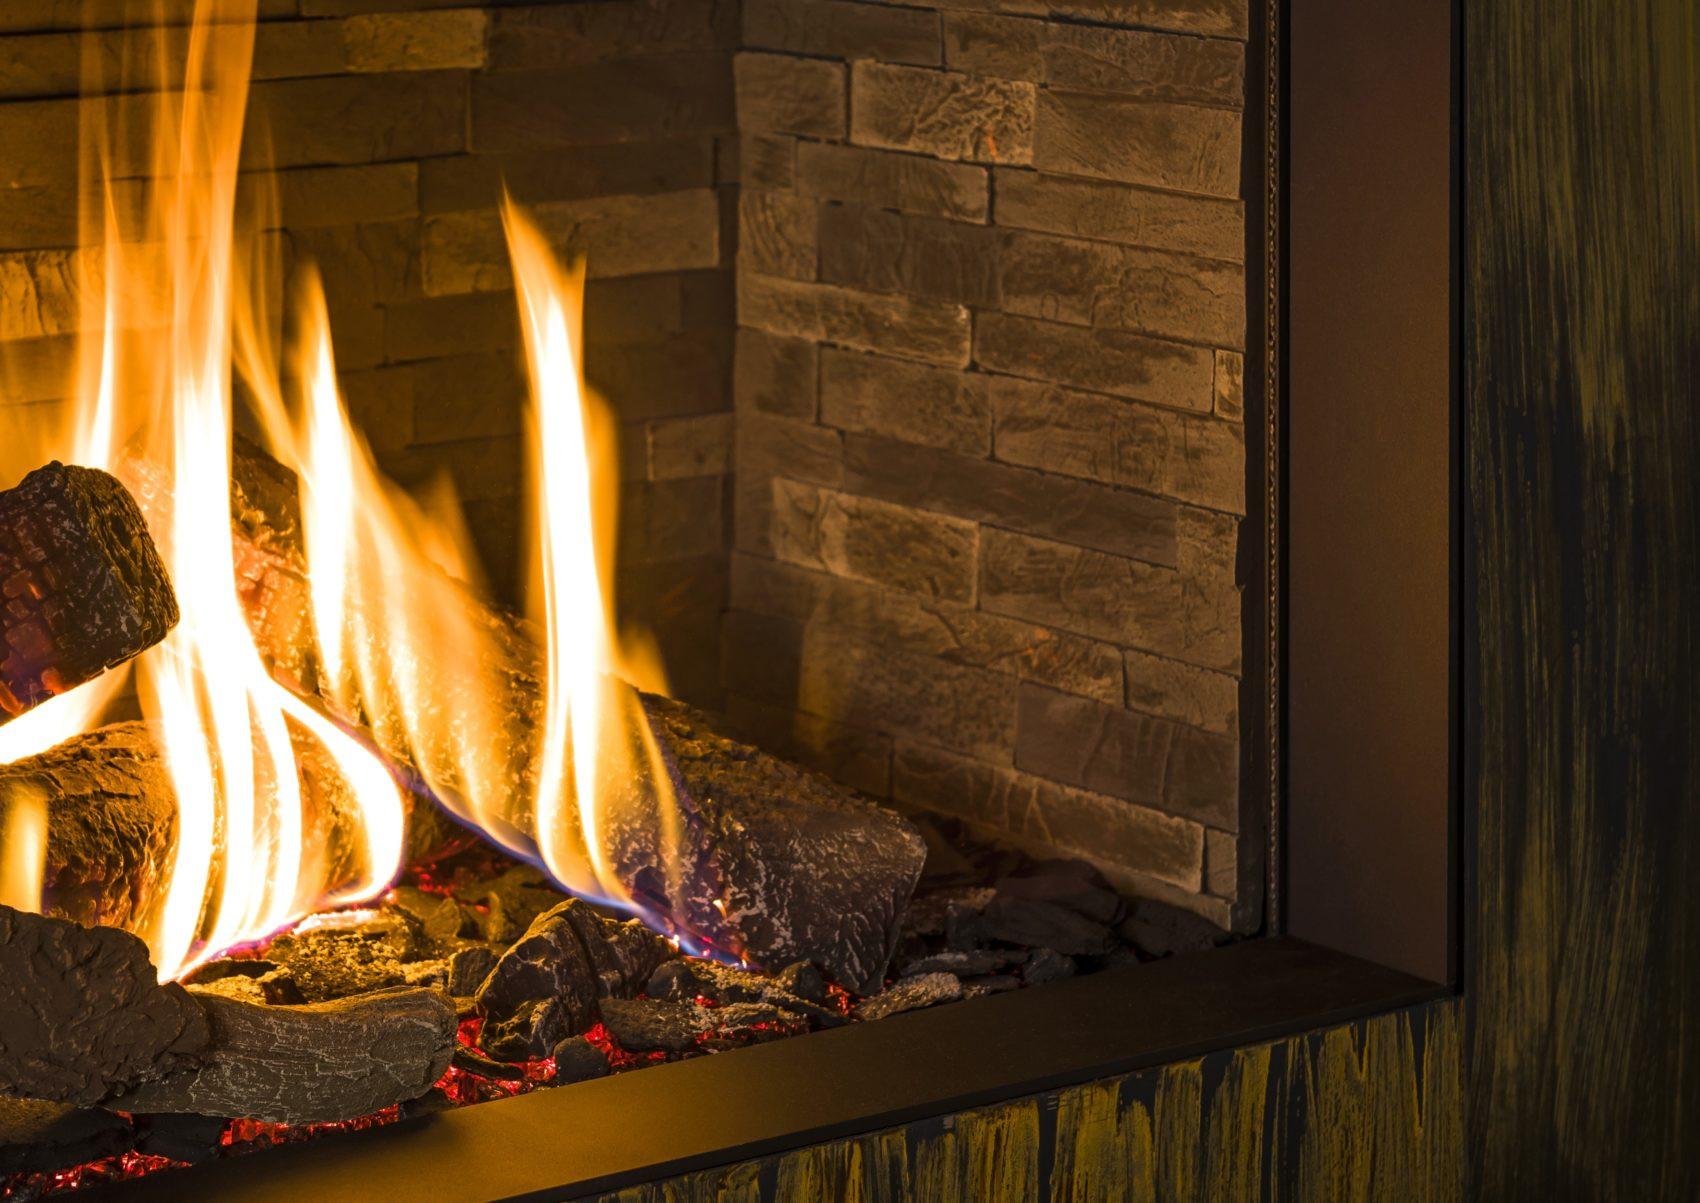 Széles tűzálló fatuskók a Trimline Fires gáz kandallóbetétekbe kandalloshop